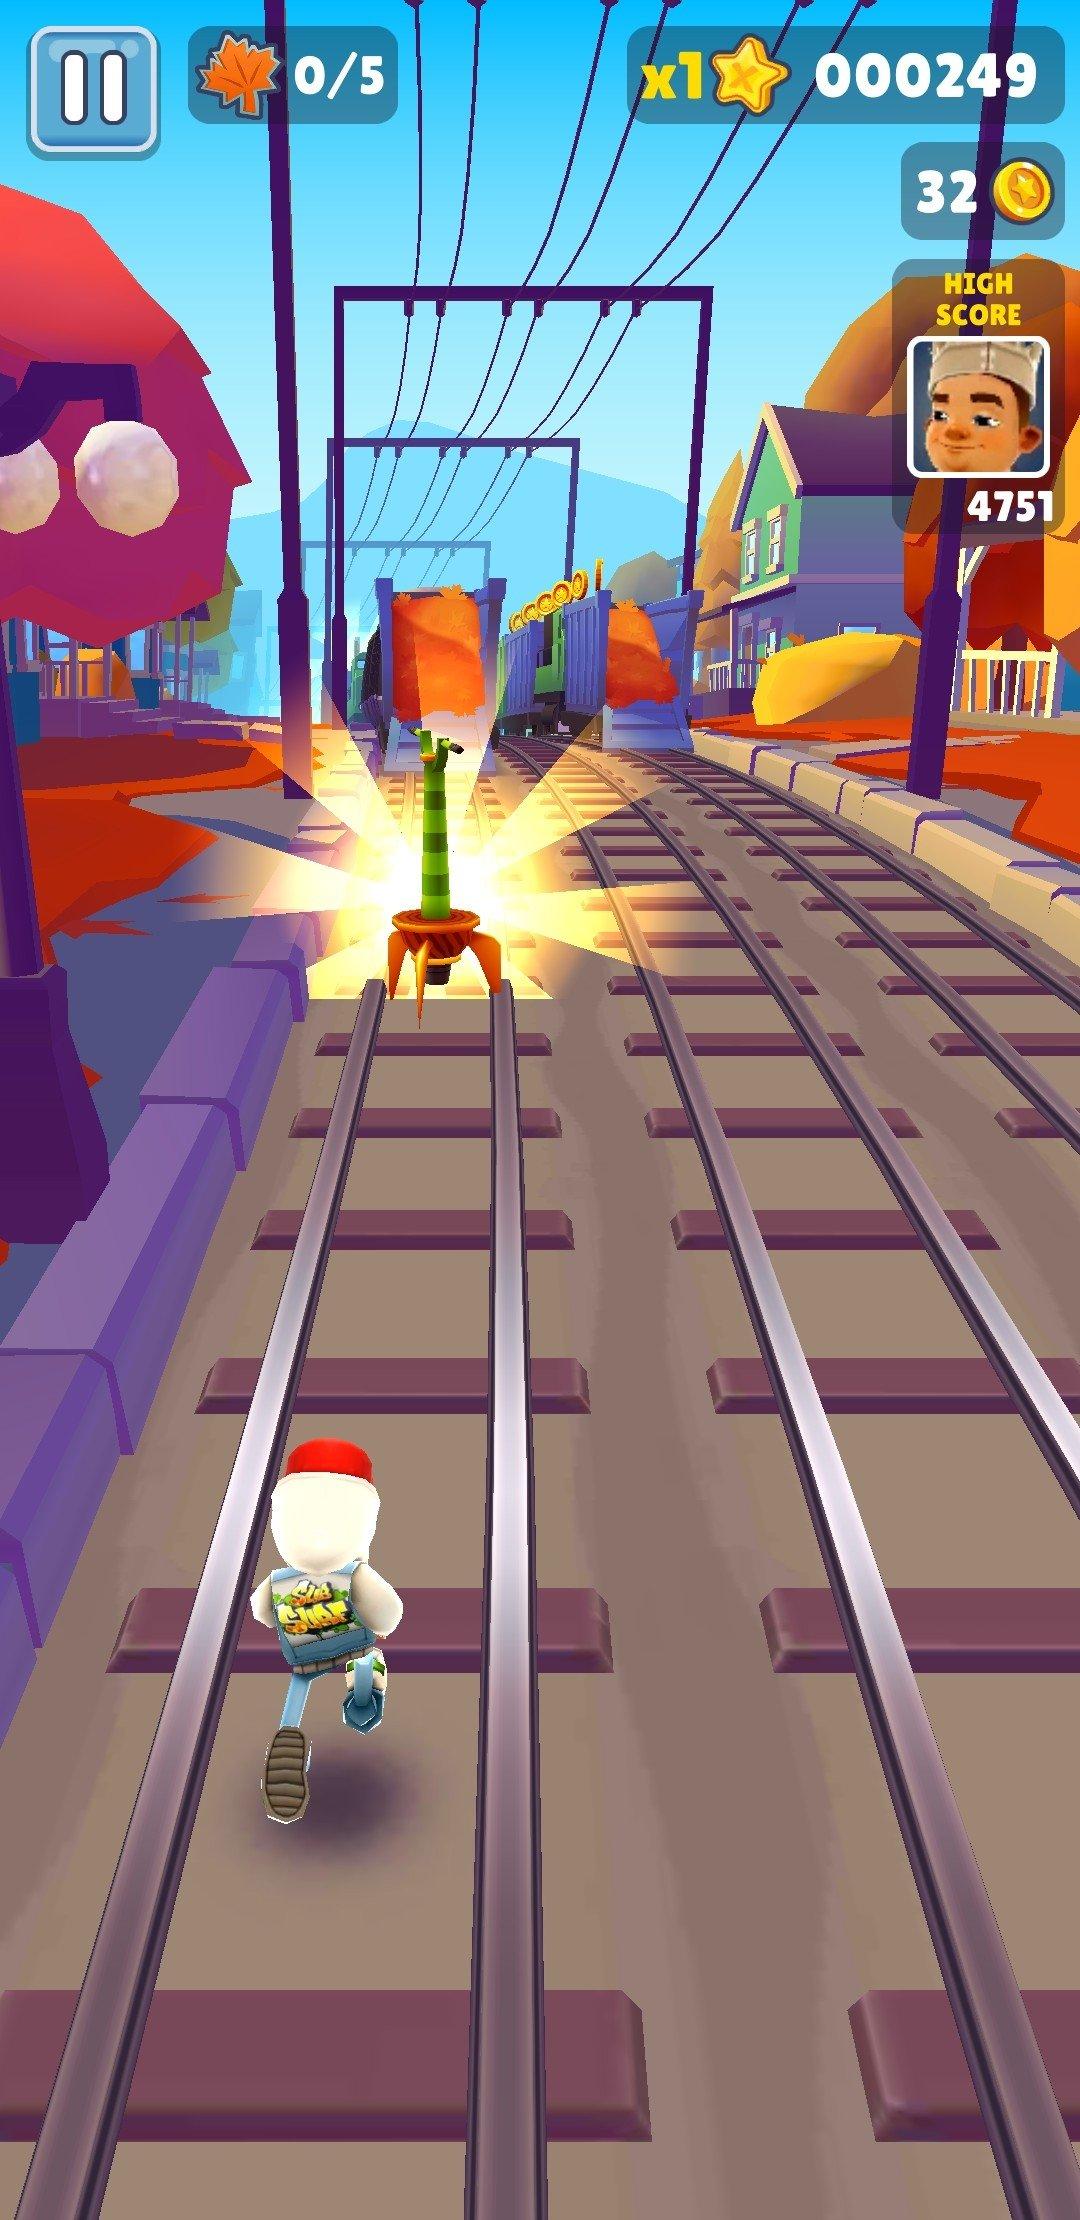 Игры Для Андроид Subway Surfers Paris V 1.12.0